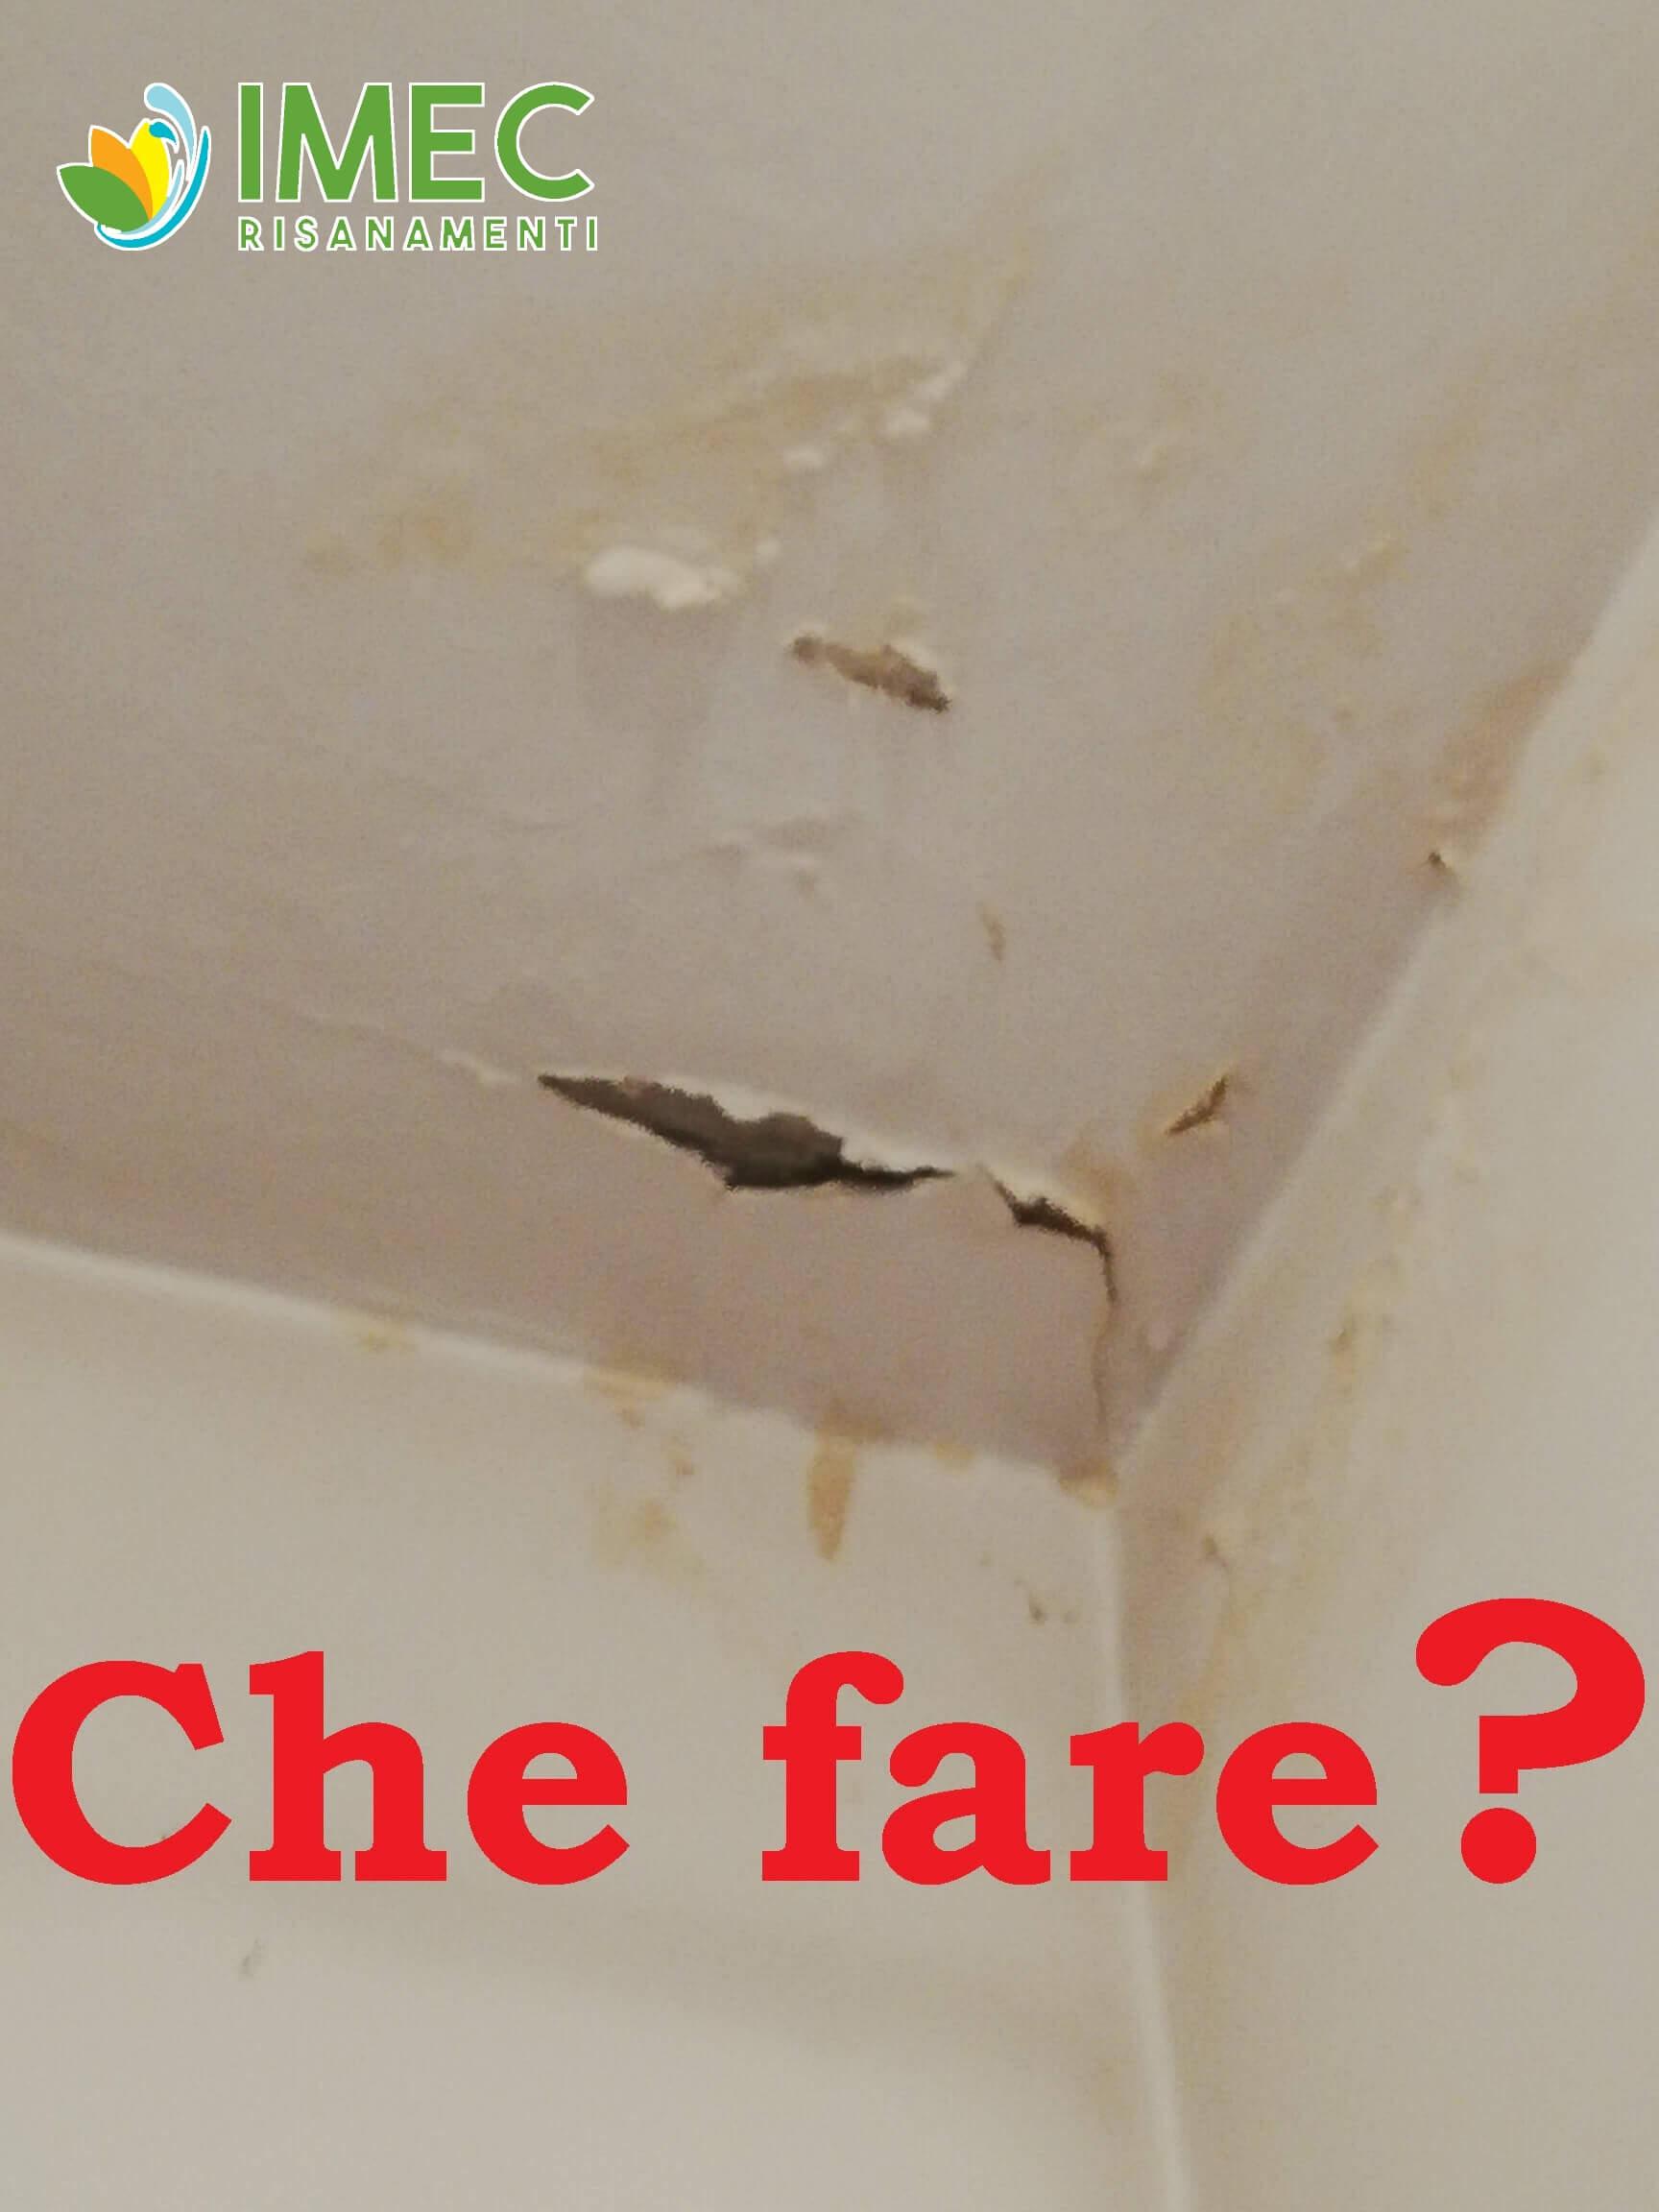 Rumore Nel Muro Di Casa tubo che perde nel muro: le soluzioni per risolvere | imec